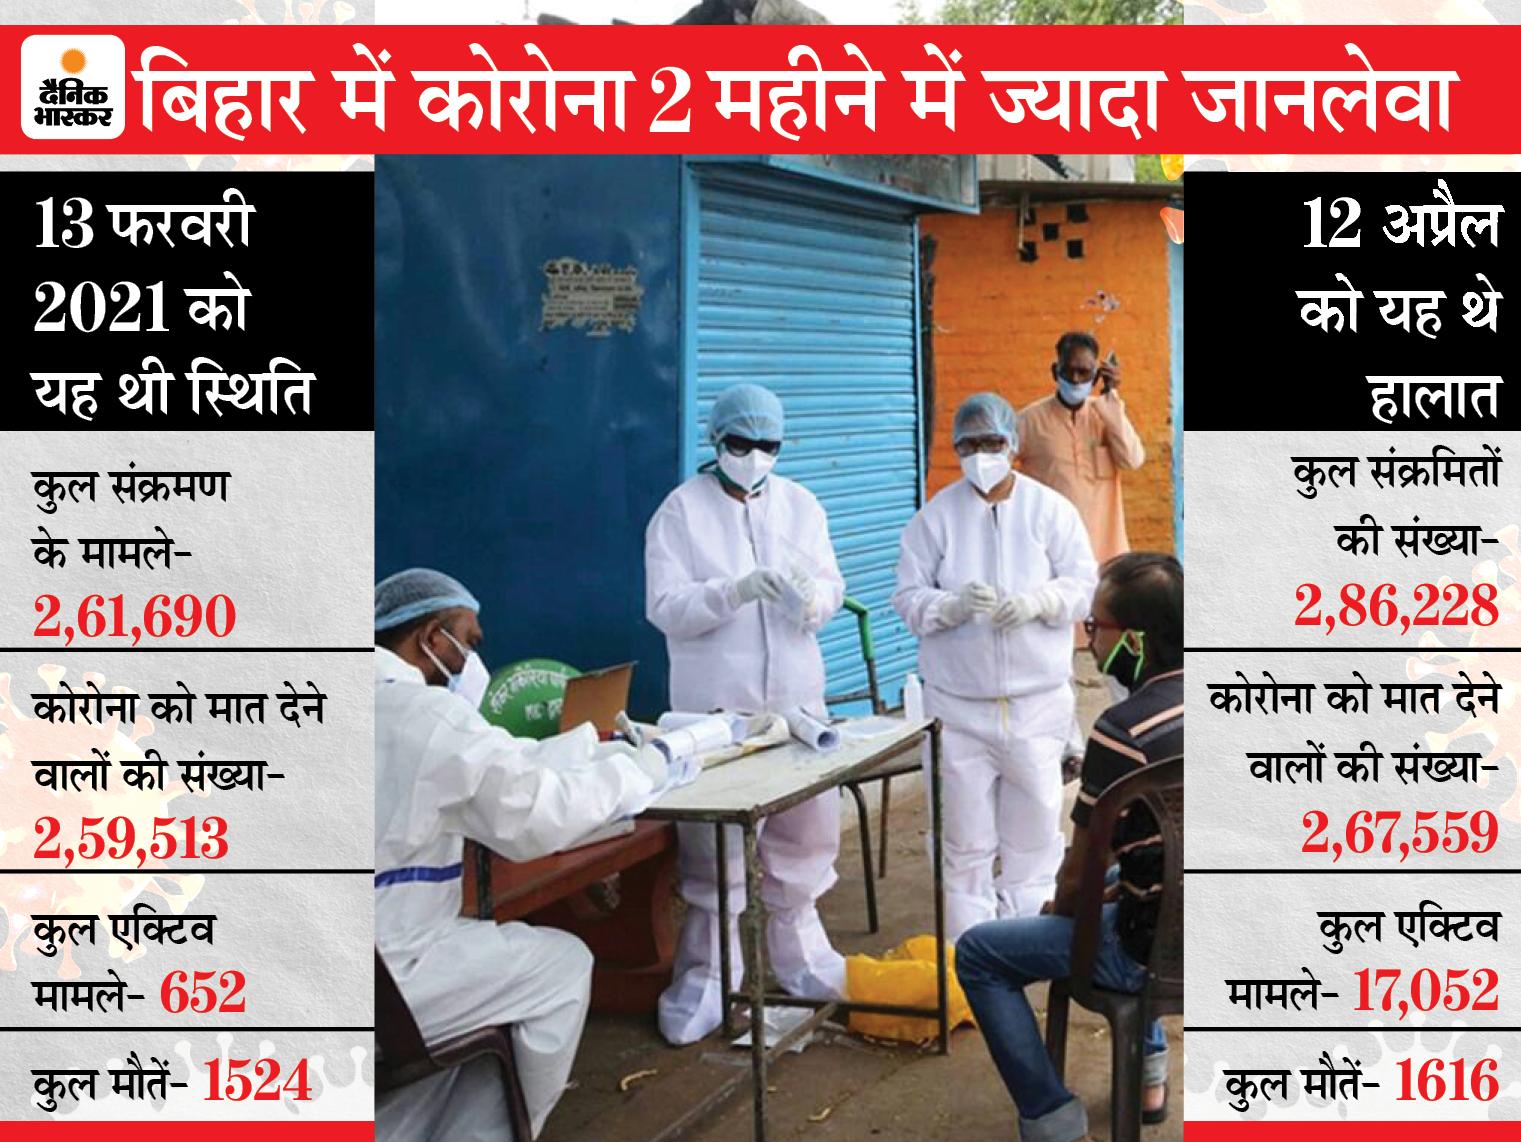 93.48 % हो गई कोरोना को मात देने वालों की संख्या, 60 दिन पहले 99.17 था रिकवरी रेट पटना,Patna - Dainik Bhaskar